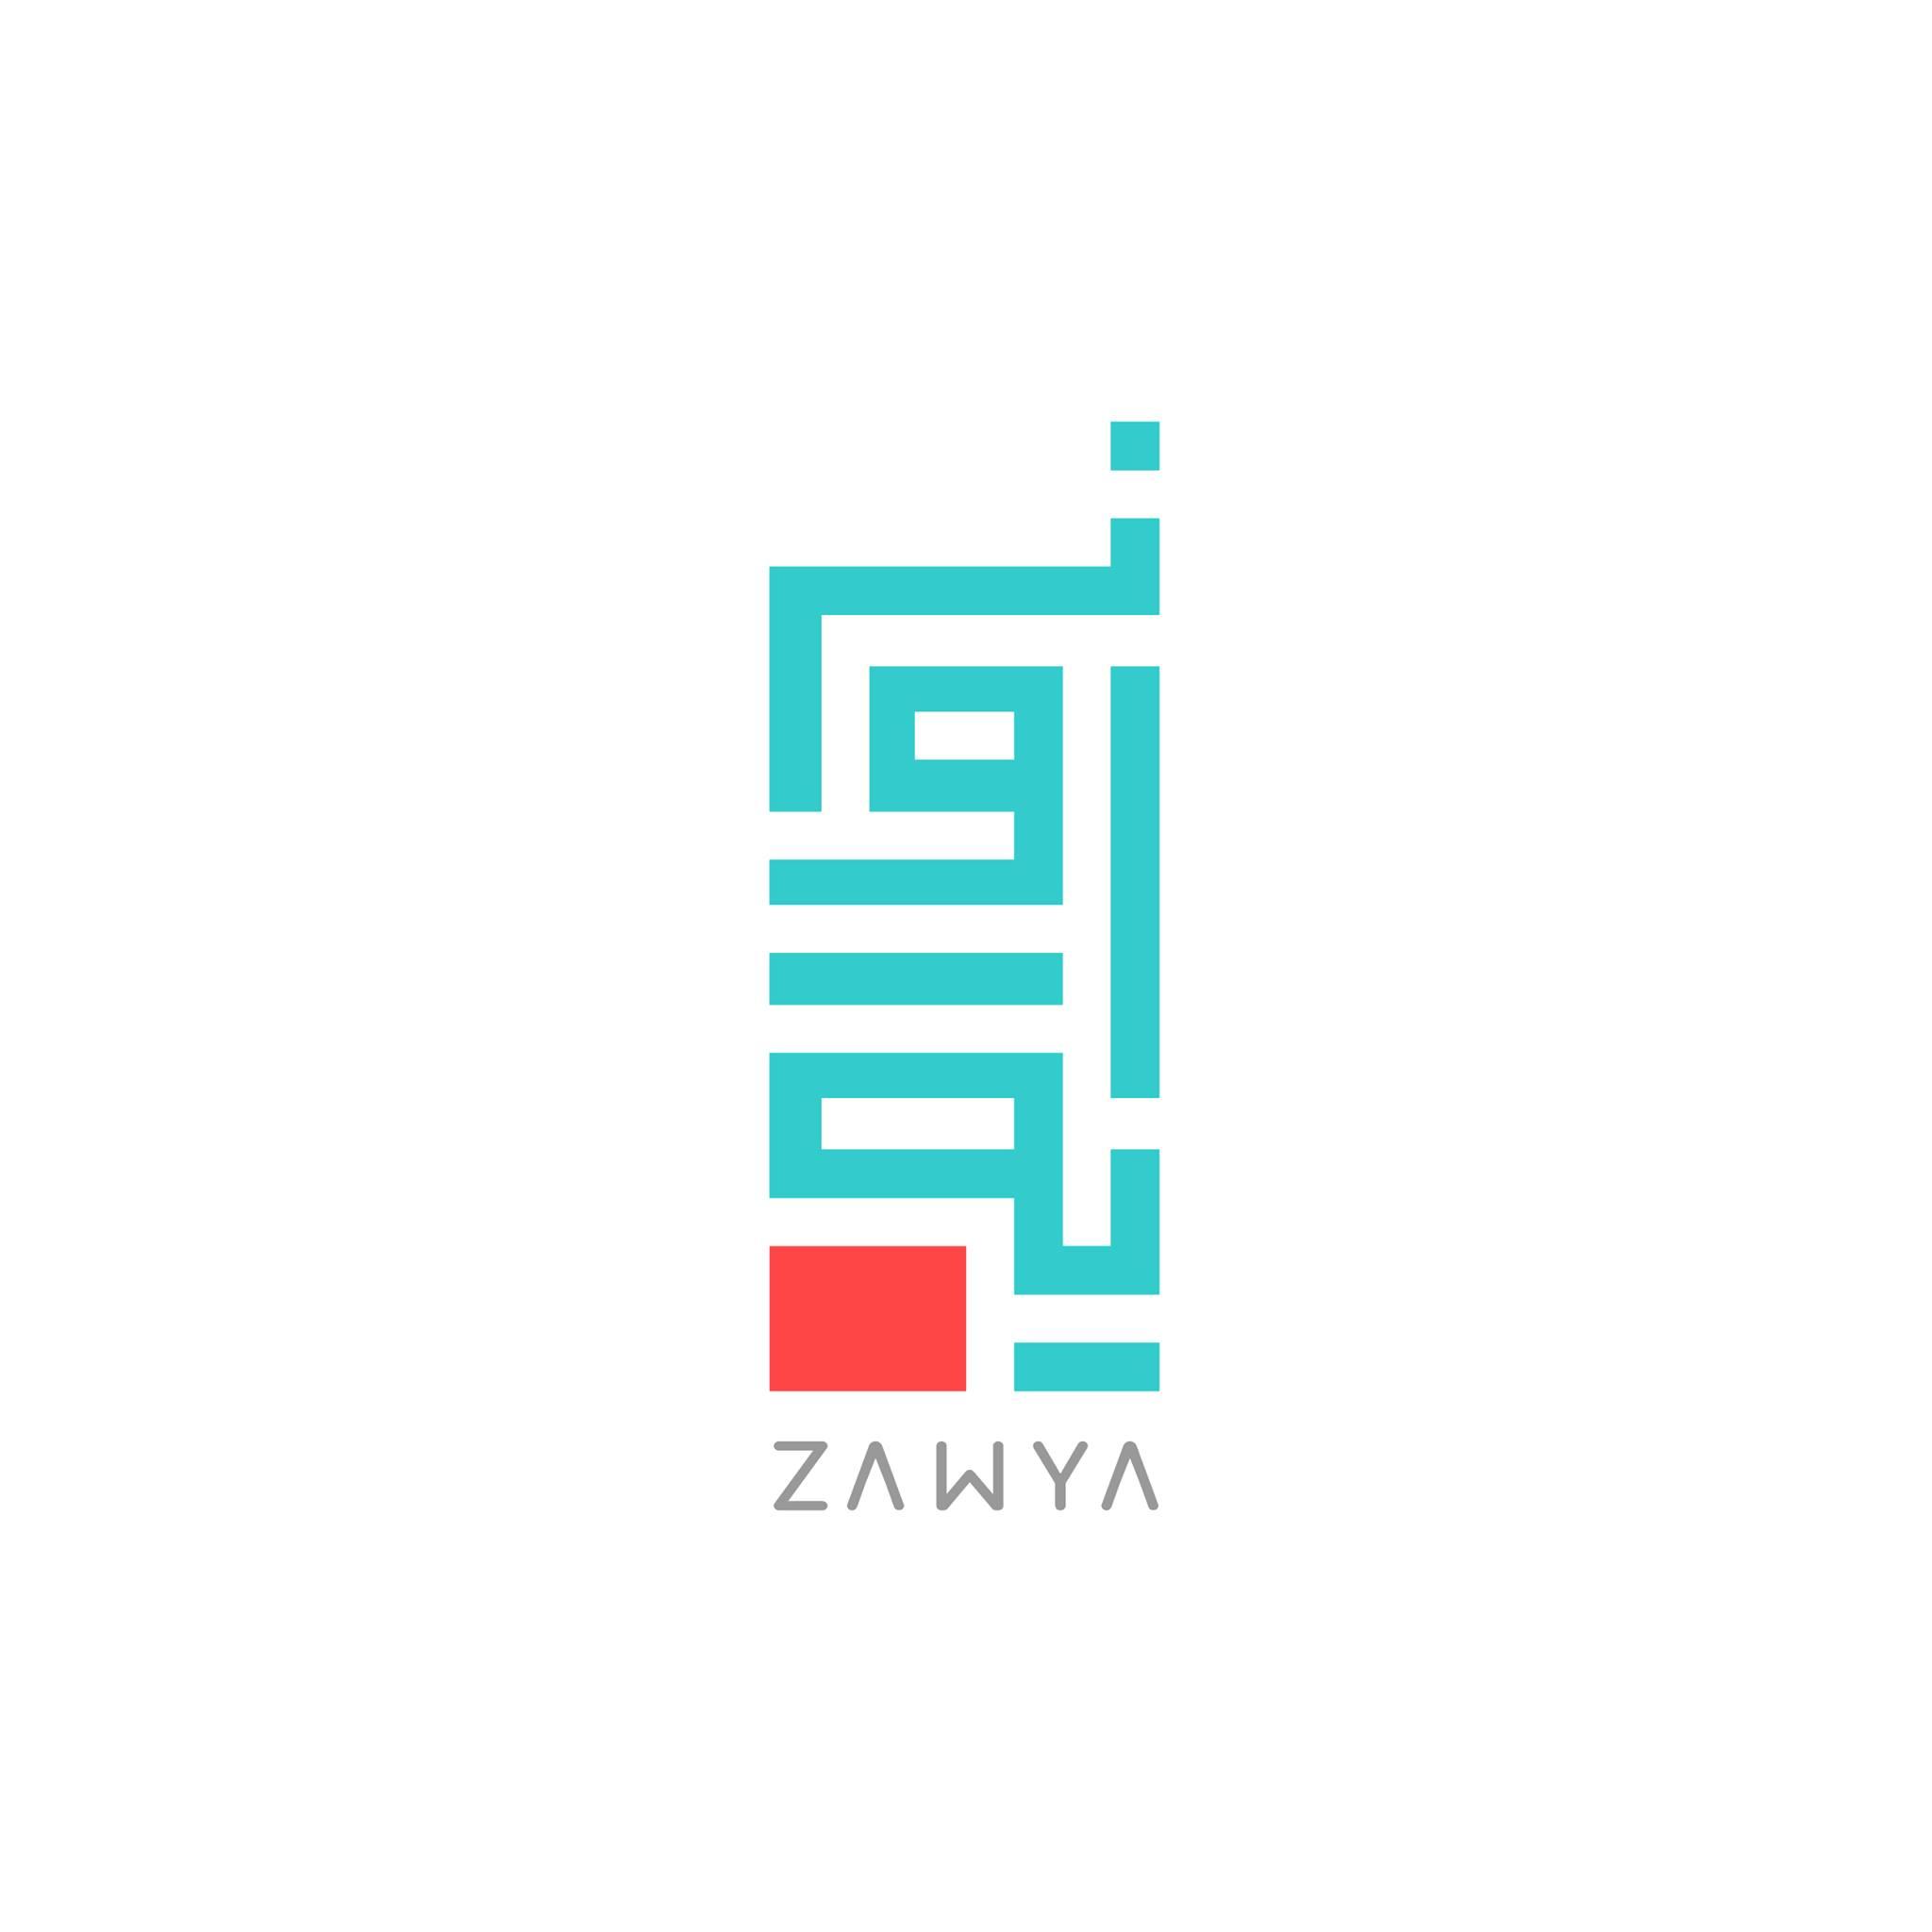 سينما زاوية Zawya